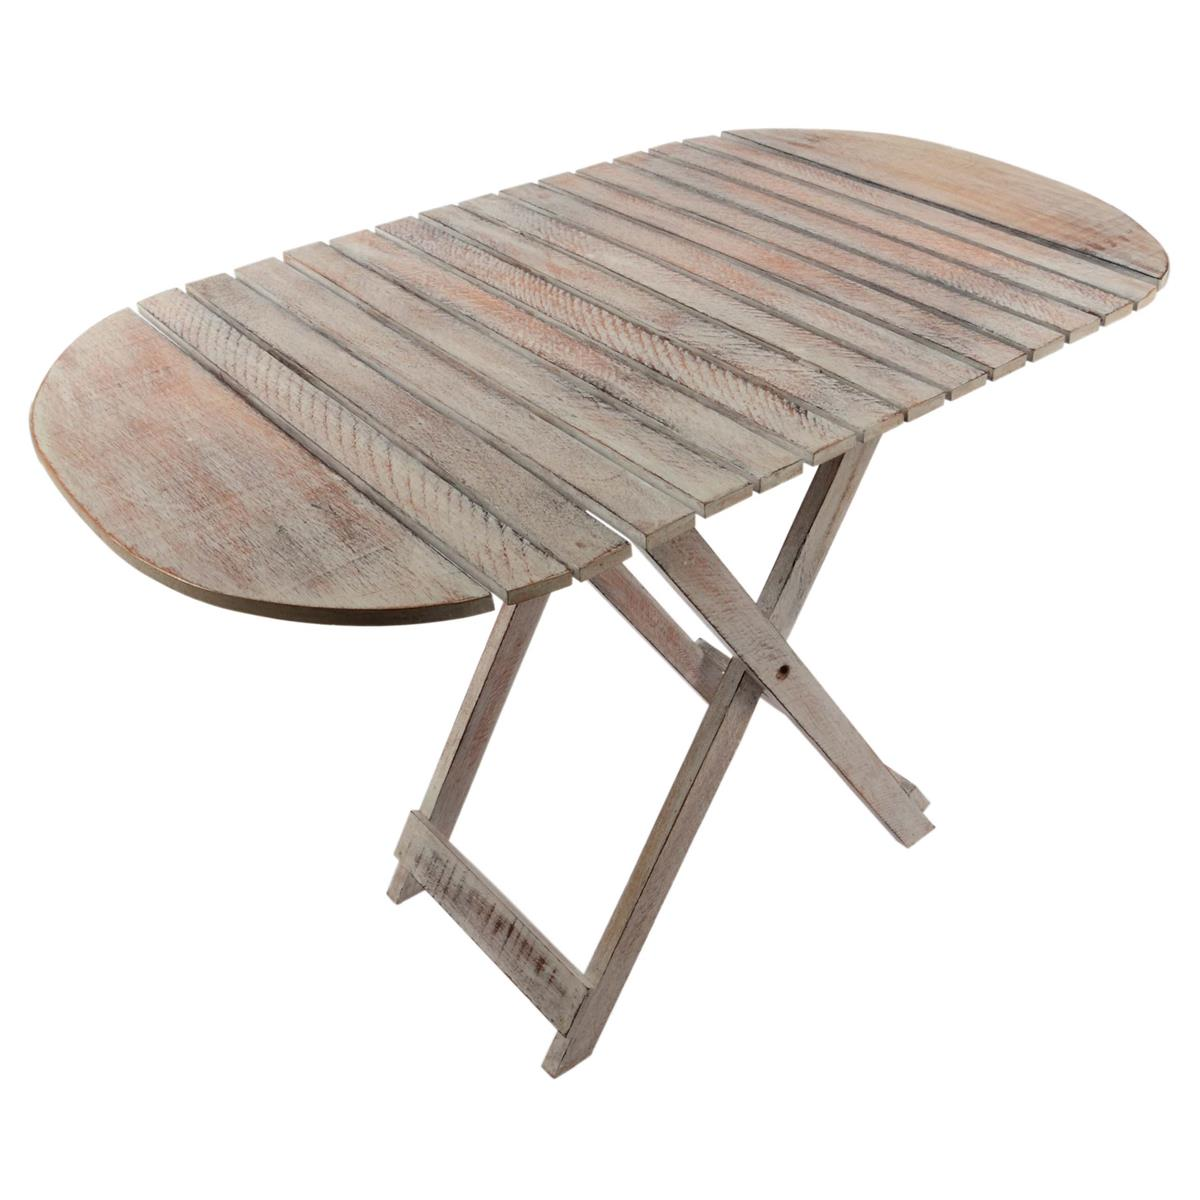 DIVERO Beistelltisch Holztisch Blumentisch Klapptisch Hocker L85 x B50 x H59 cm